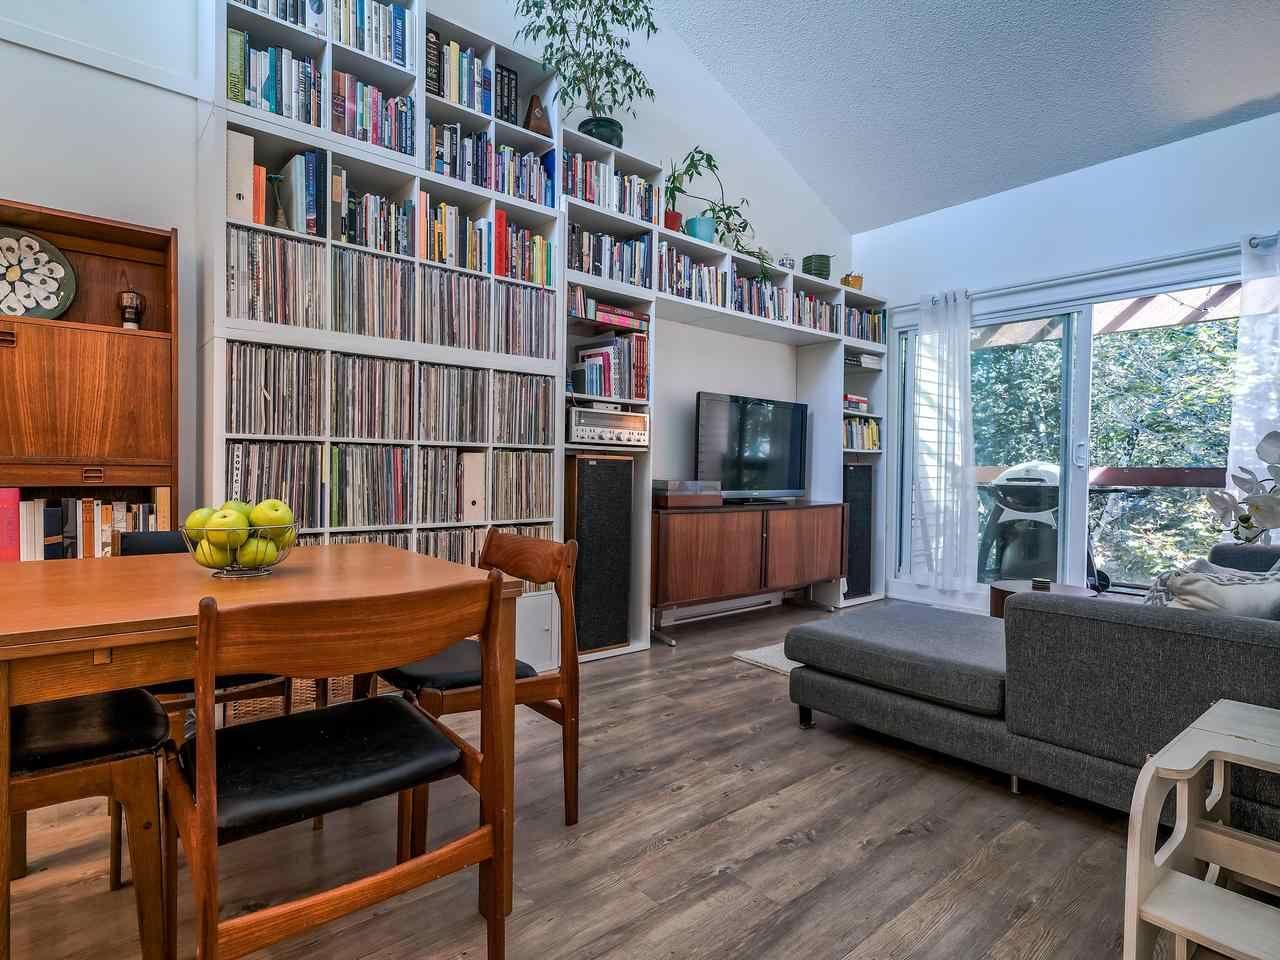 """Main Photo: 315 1429 E 4TH Avenue in Vancouver: Grandview Woodland Condo for sale in """"Sandcastle Villa"""" (Vancouver East)  : MLS®# R2483283"""